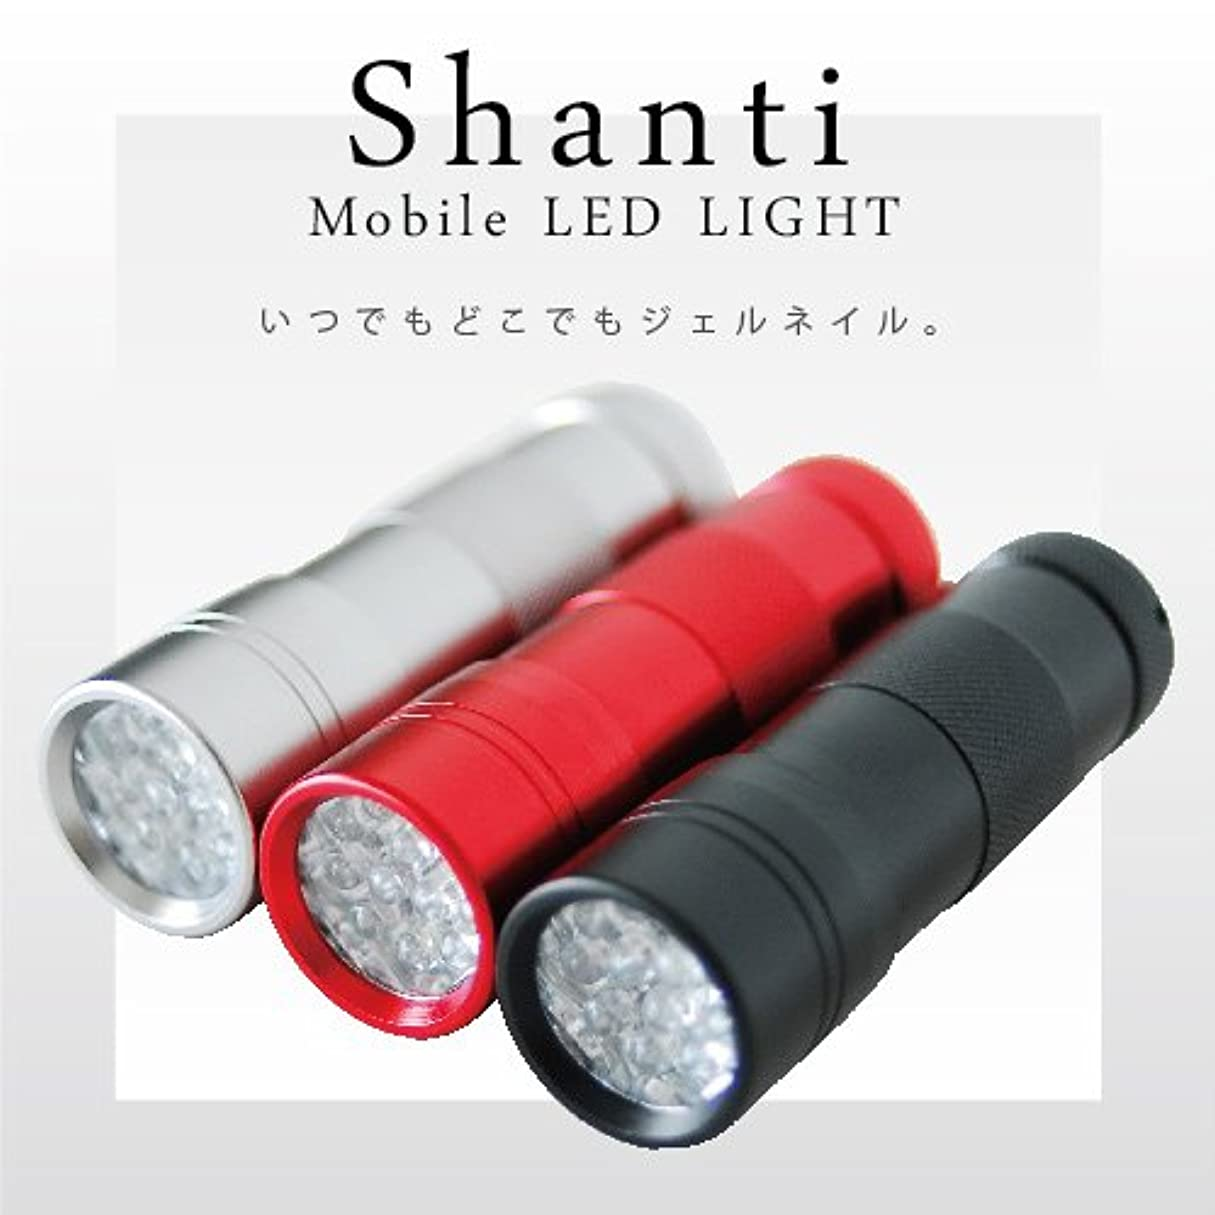 蛾強盗指ジェルネイル用UVライト ペン型LEDライト Shanti Mobile LED ペン型ポータブルLEDライト カラー:シルバー  携帯用ハンドライト